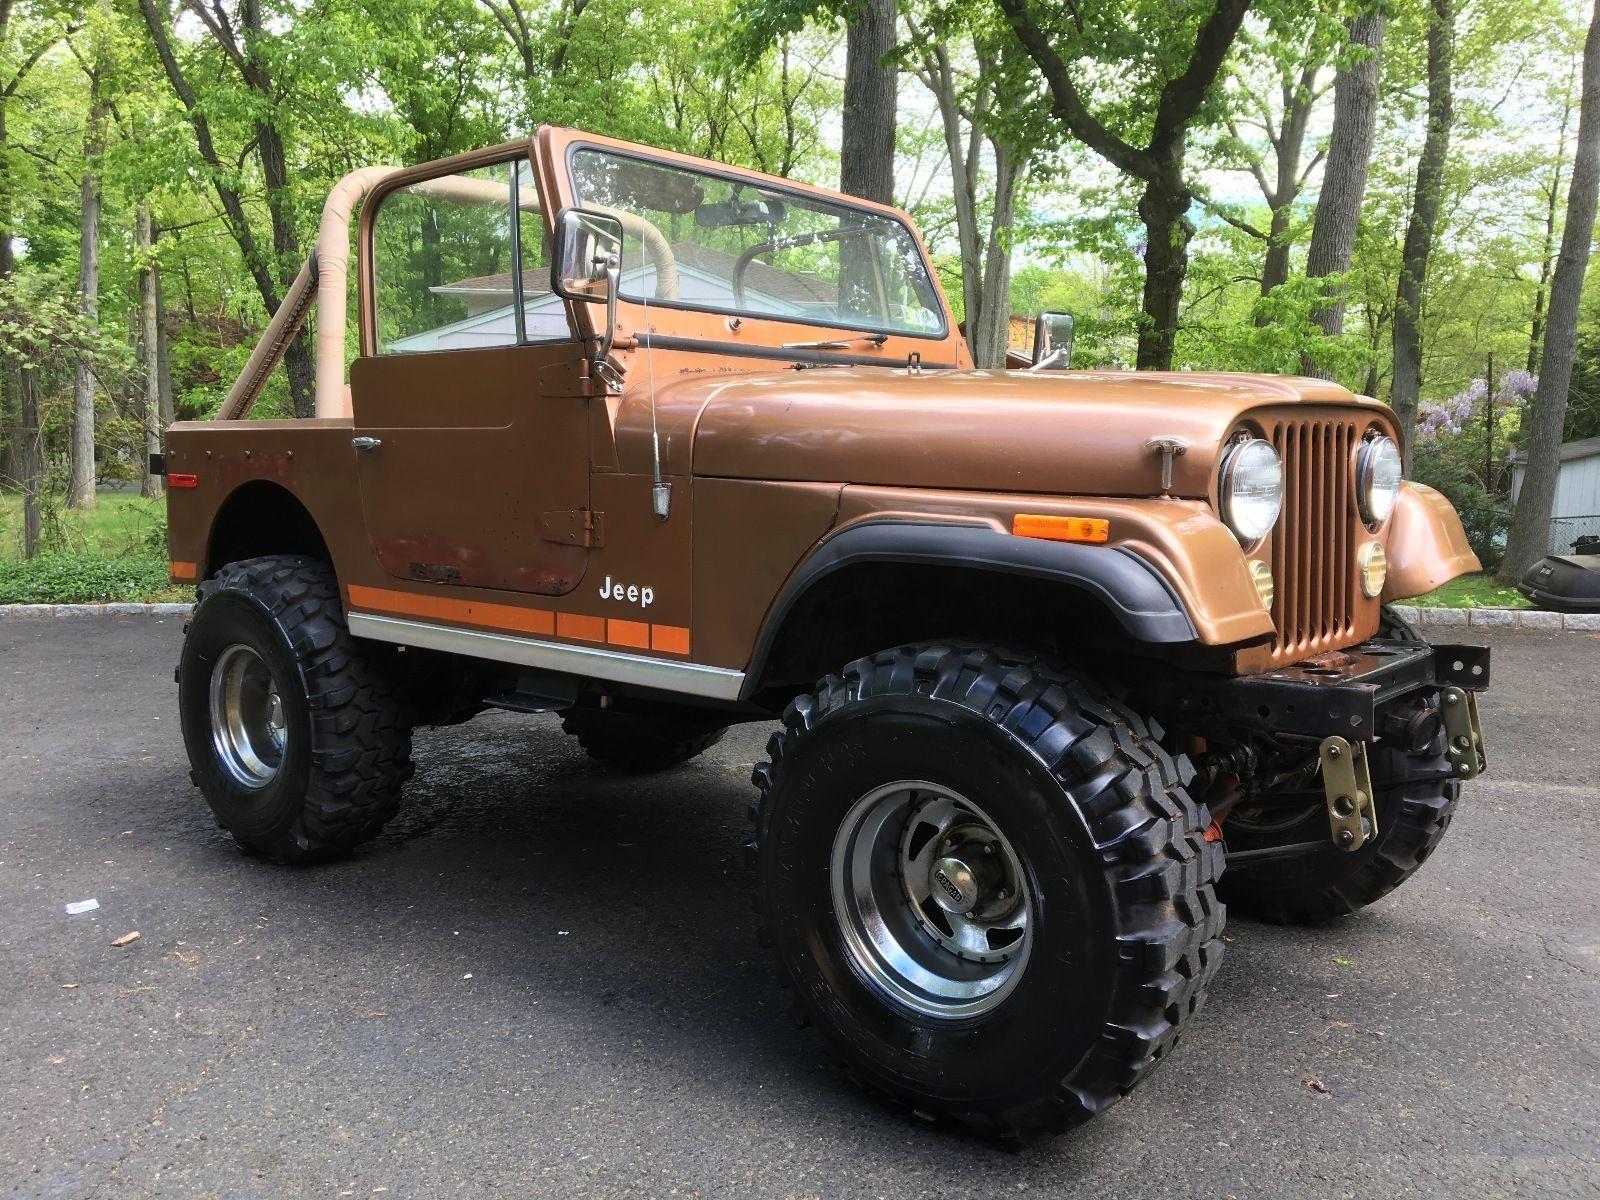 gold beauty 1979 jeep cj monster for sale. Black Bedroom Furniture Sets. Home Design Ideas